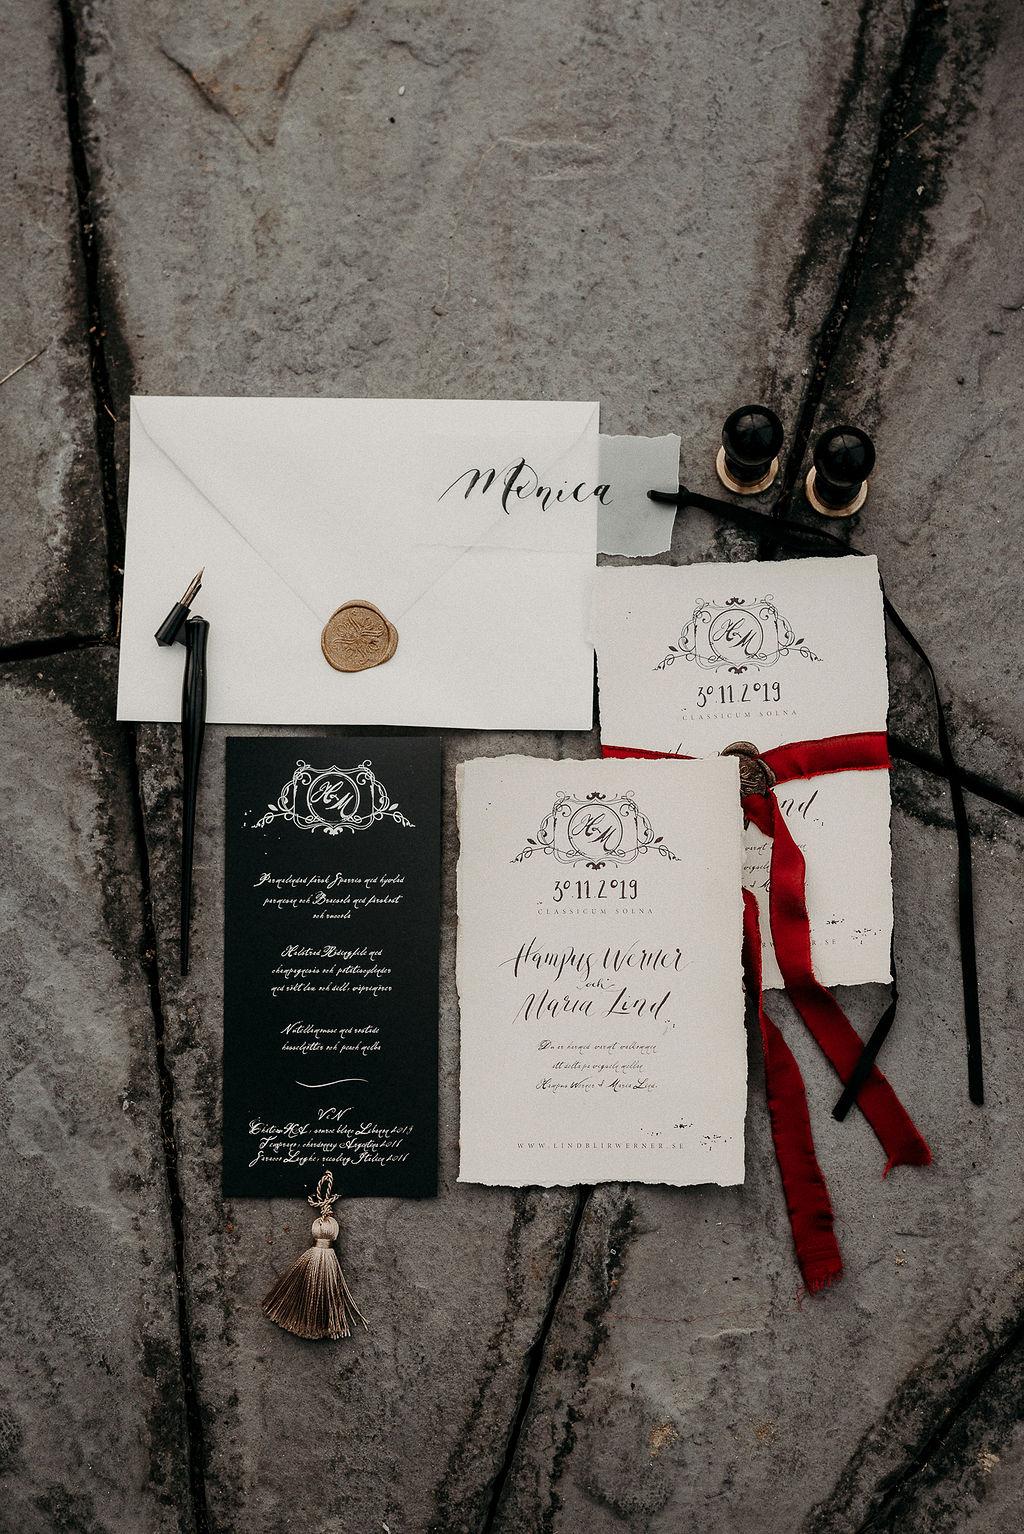 Julbröllop+vinterbröllop+dukning+trycksaker.jpg